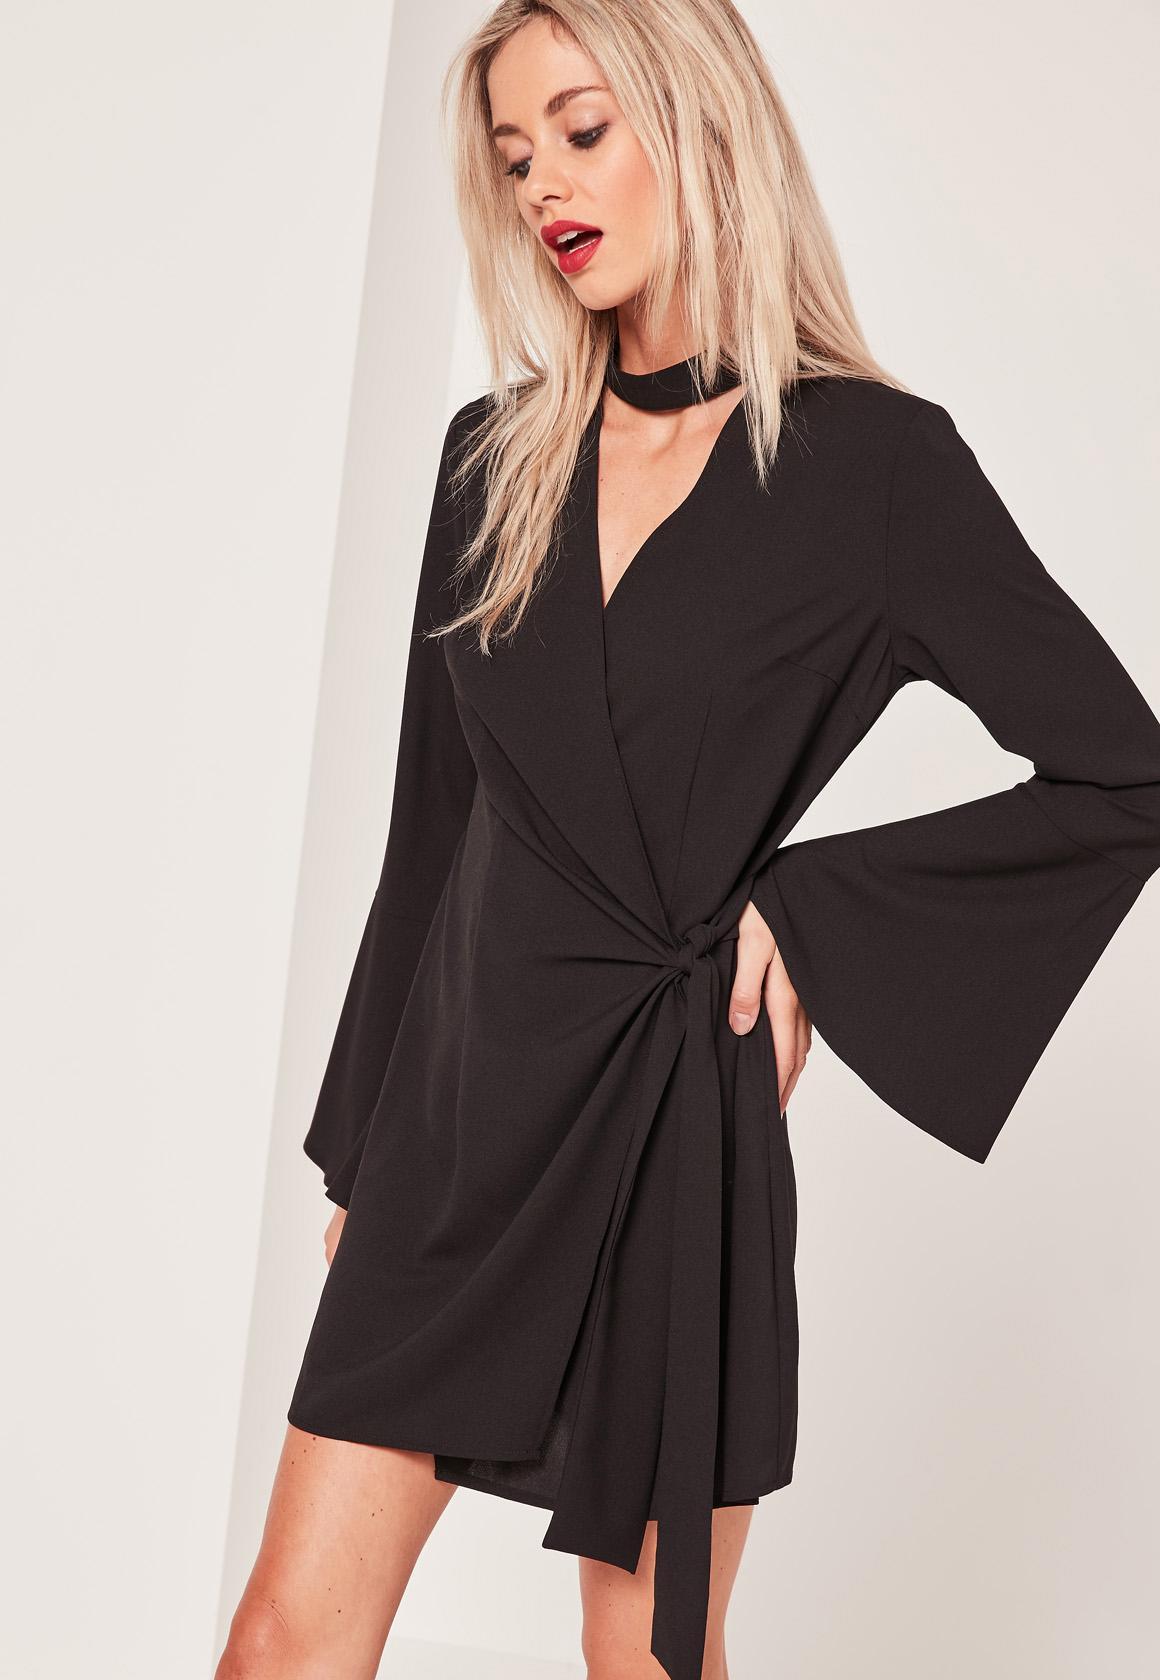 Choker Neck Wrap Dress Black